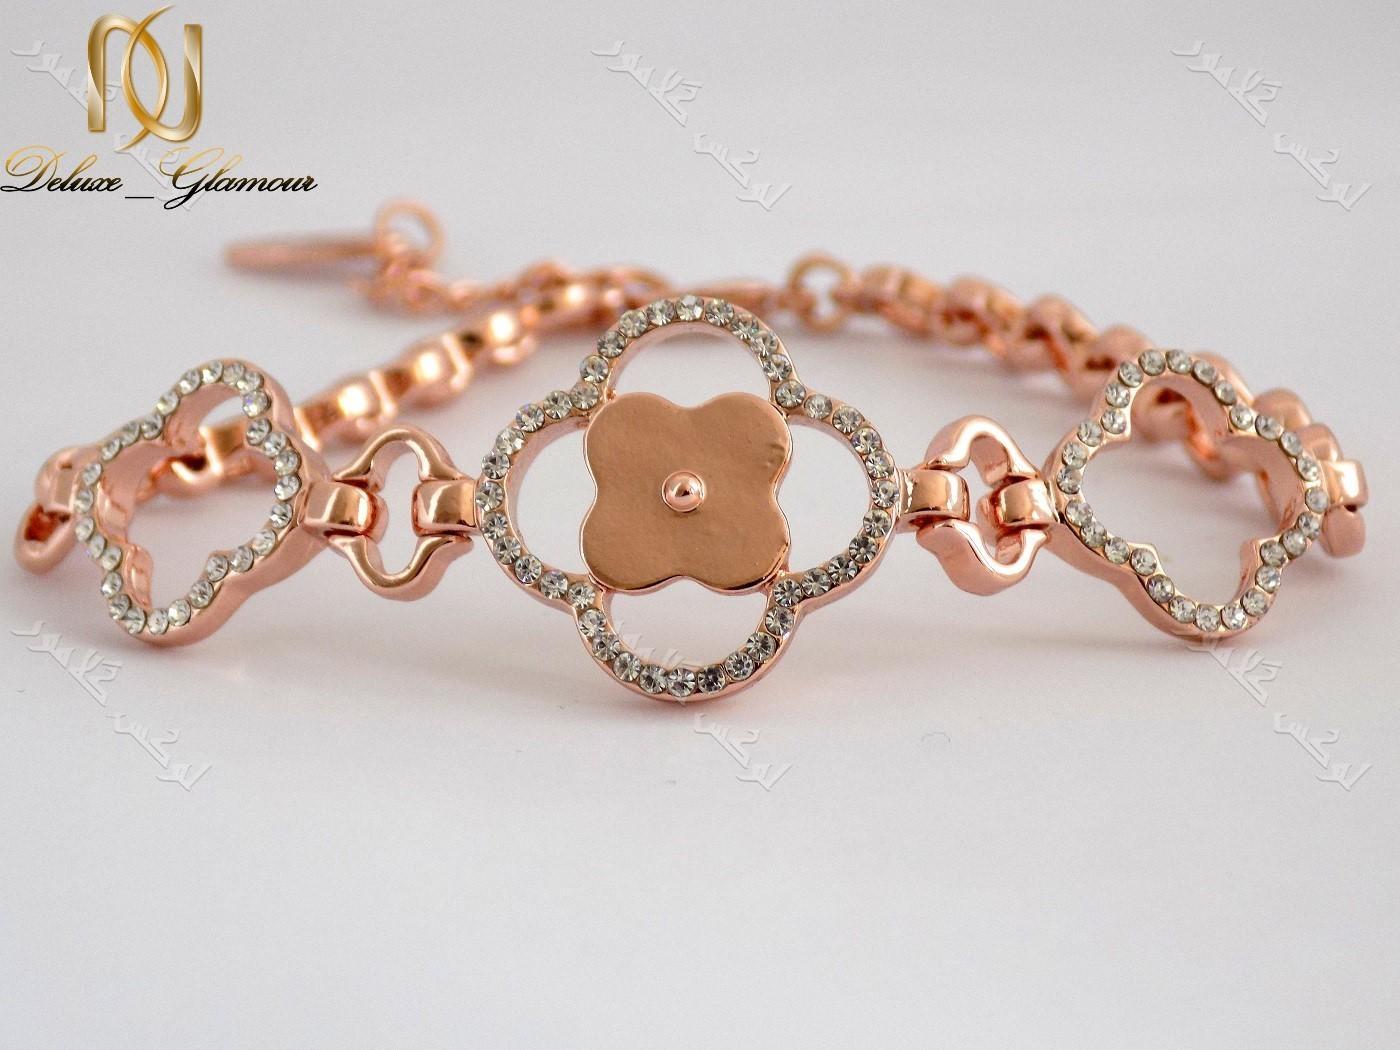 دستبند اسپرت دخترانه رزگلد طرح گل کلیو با کریستالهای سواروفسکی اصلDs-n152 عکس اصلی دستبند